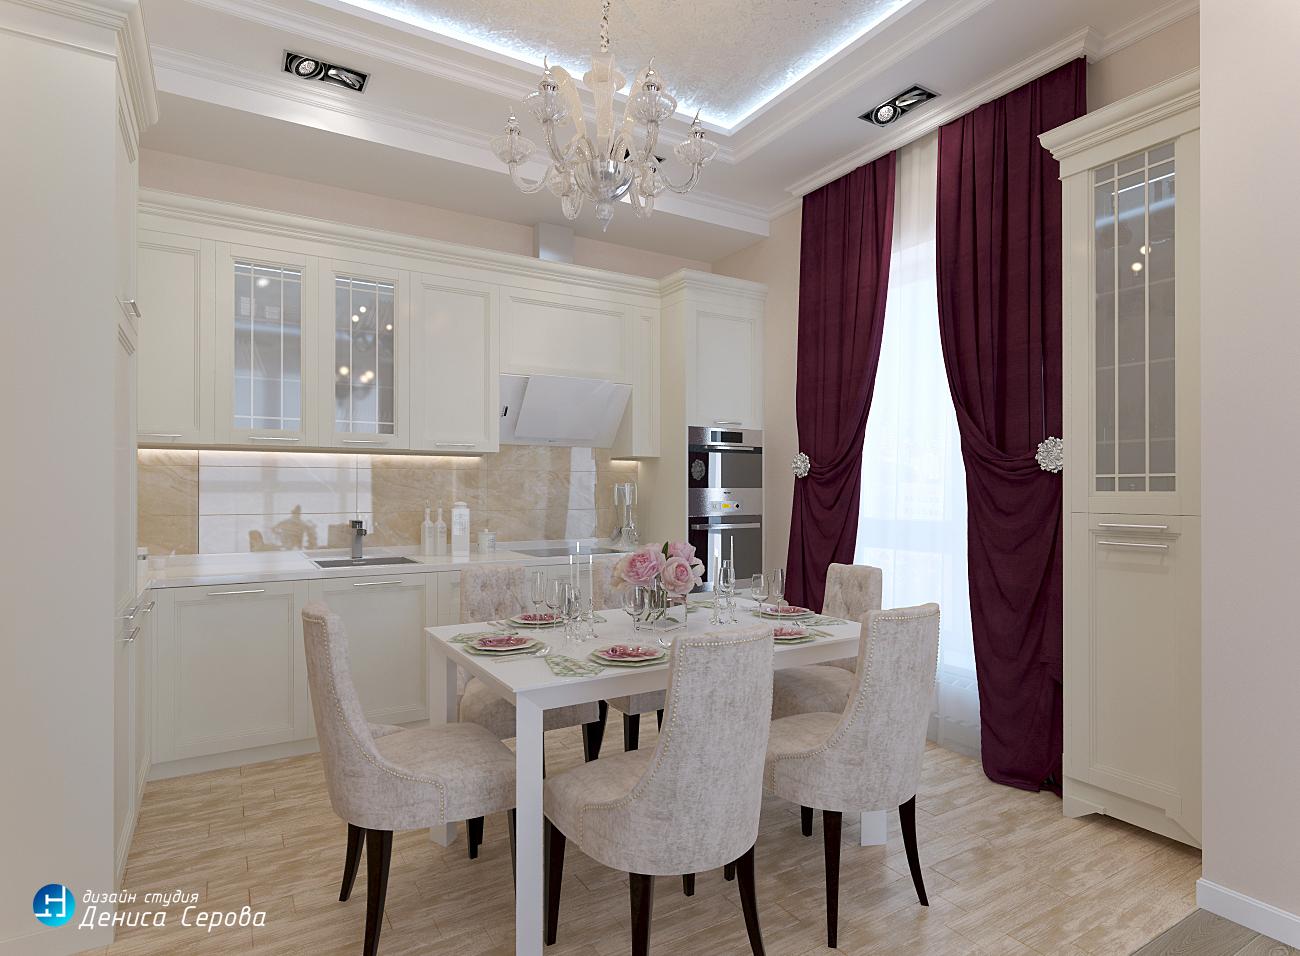 Дизайн — проект 4-х комнатной квартиры 100 кв.м. в Нижнем Новгороде